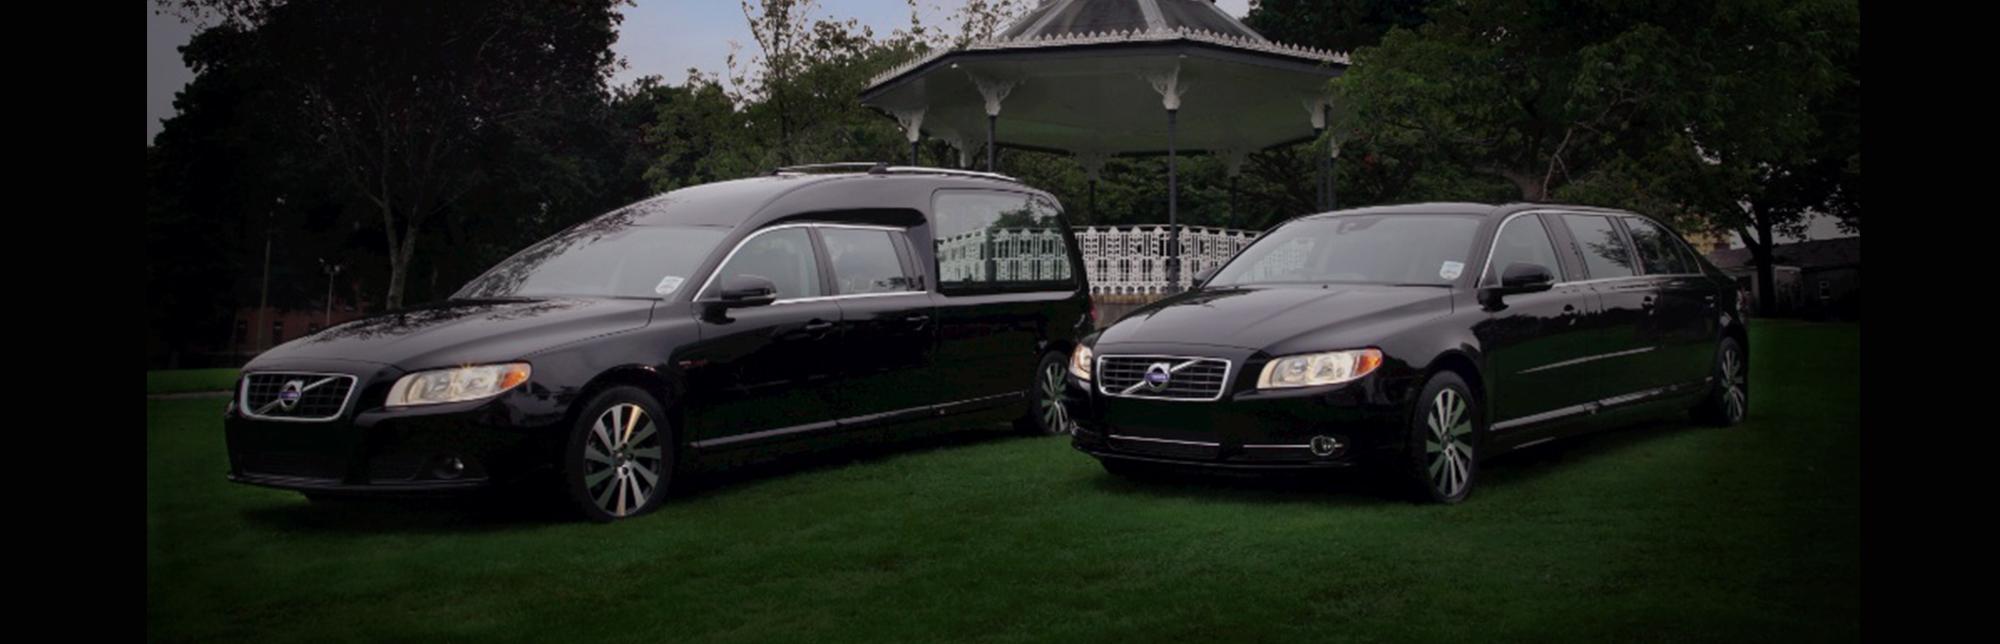 Sims & Jones funeral directors swansea, swansea undertakers, jones funerals, sims funerals,